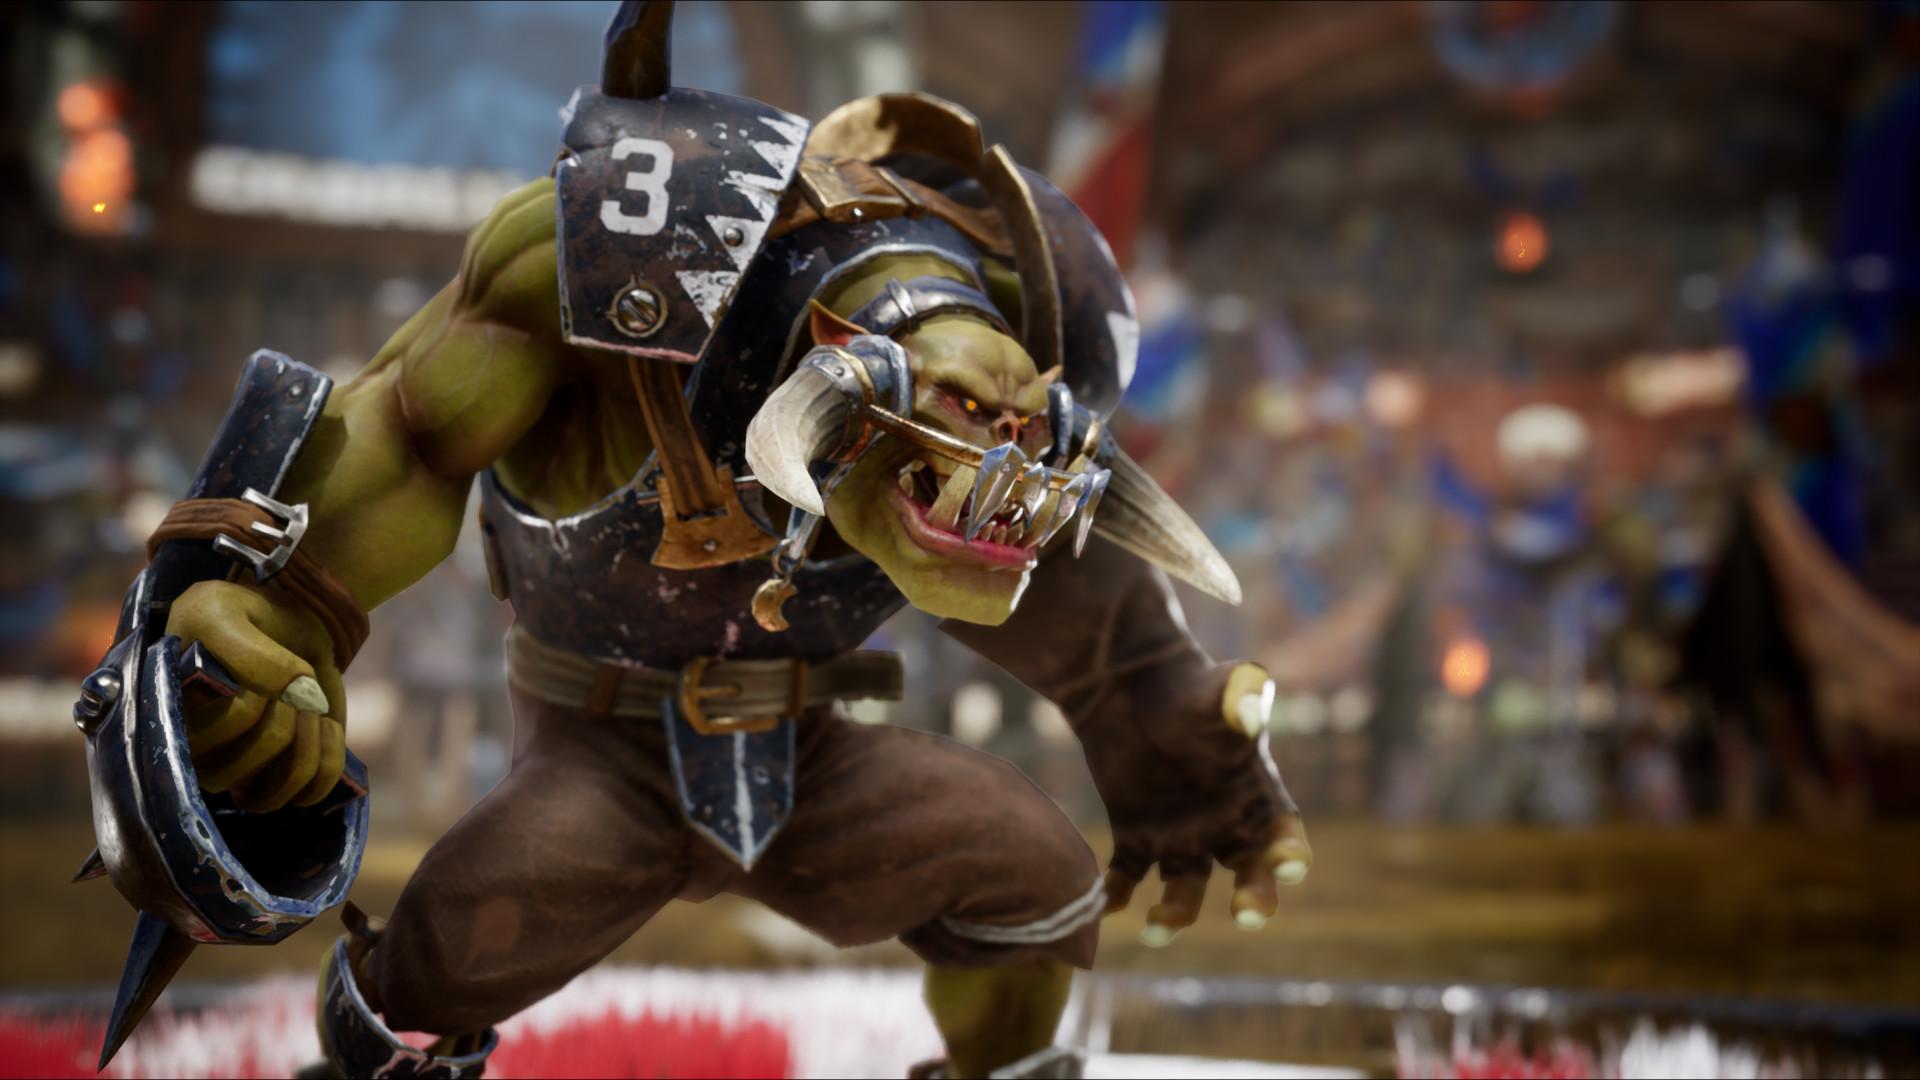 El tráiler de presentación de Blood Bowl 3 confirma versión de Xbox Series X 3